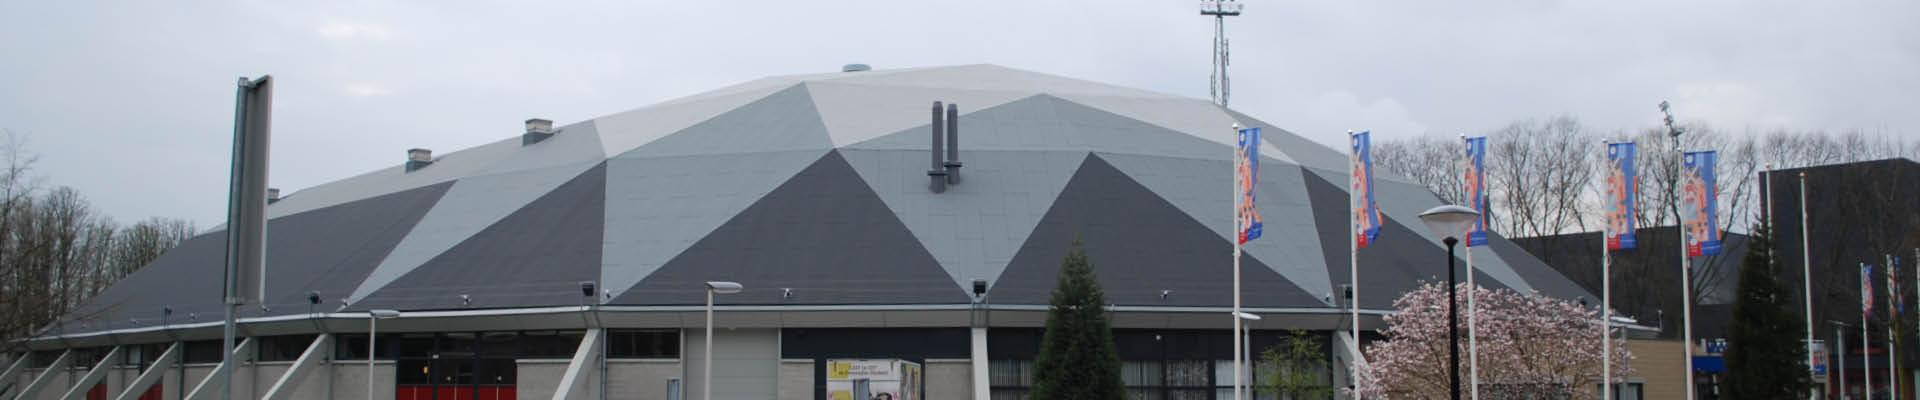 Sportpaleis Eindhoven